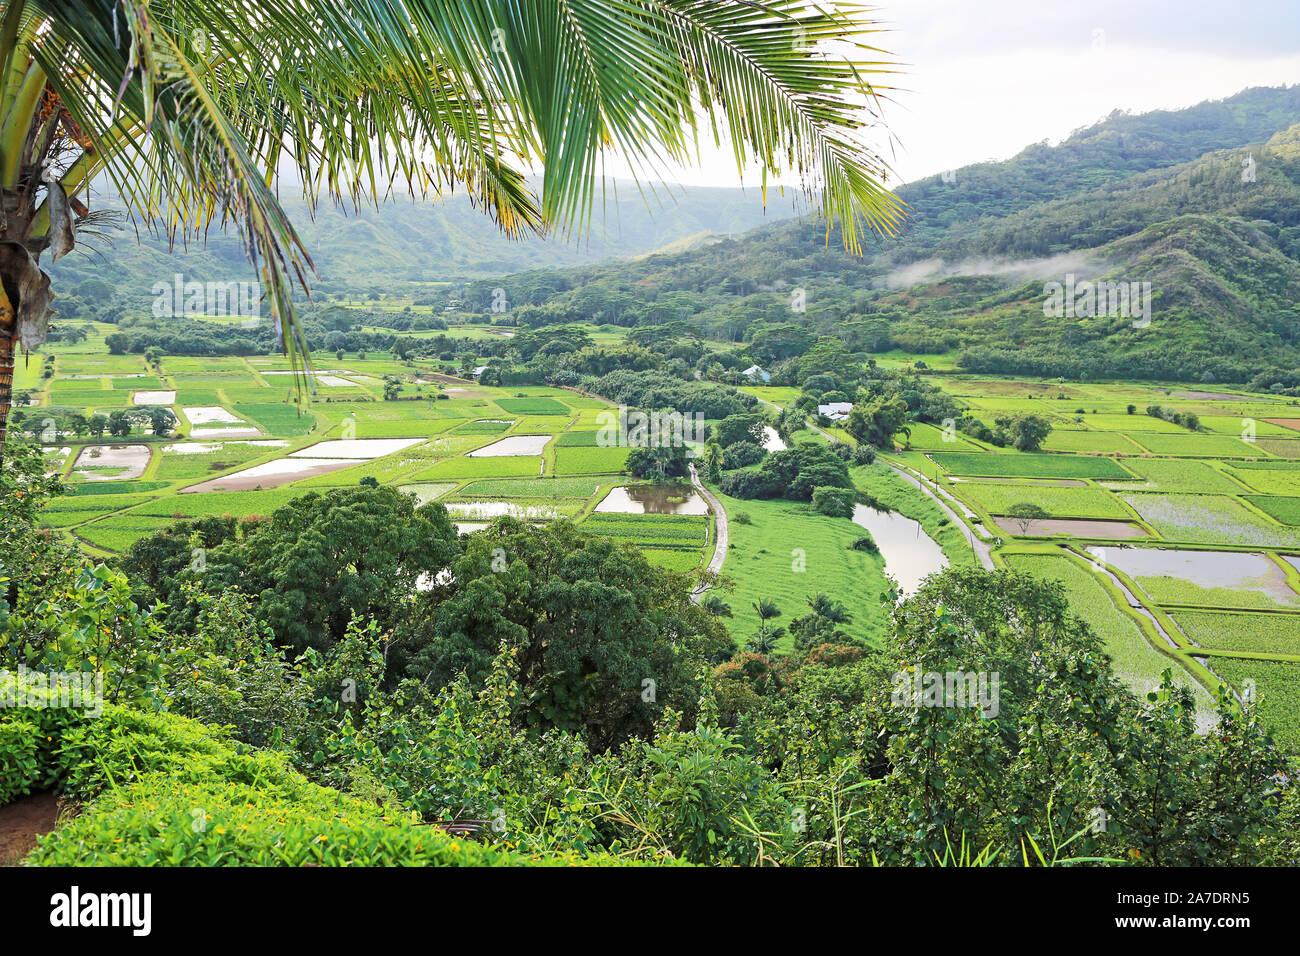 Taro fields in Hanalei Valley - Kauai, Hawaii Stock Photo